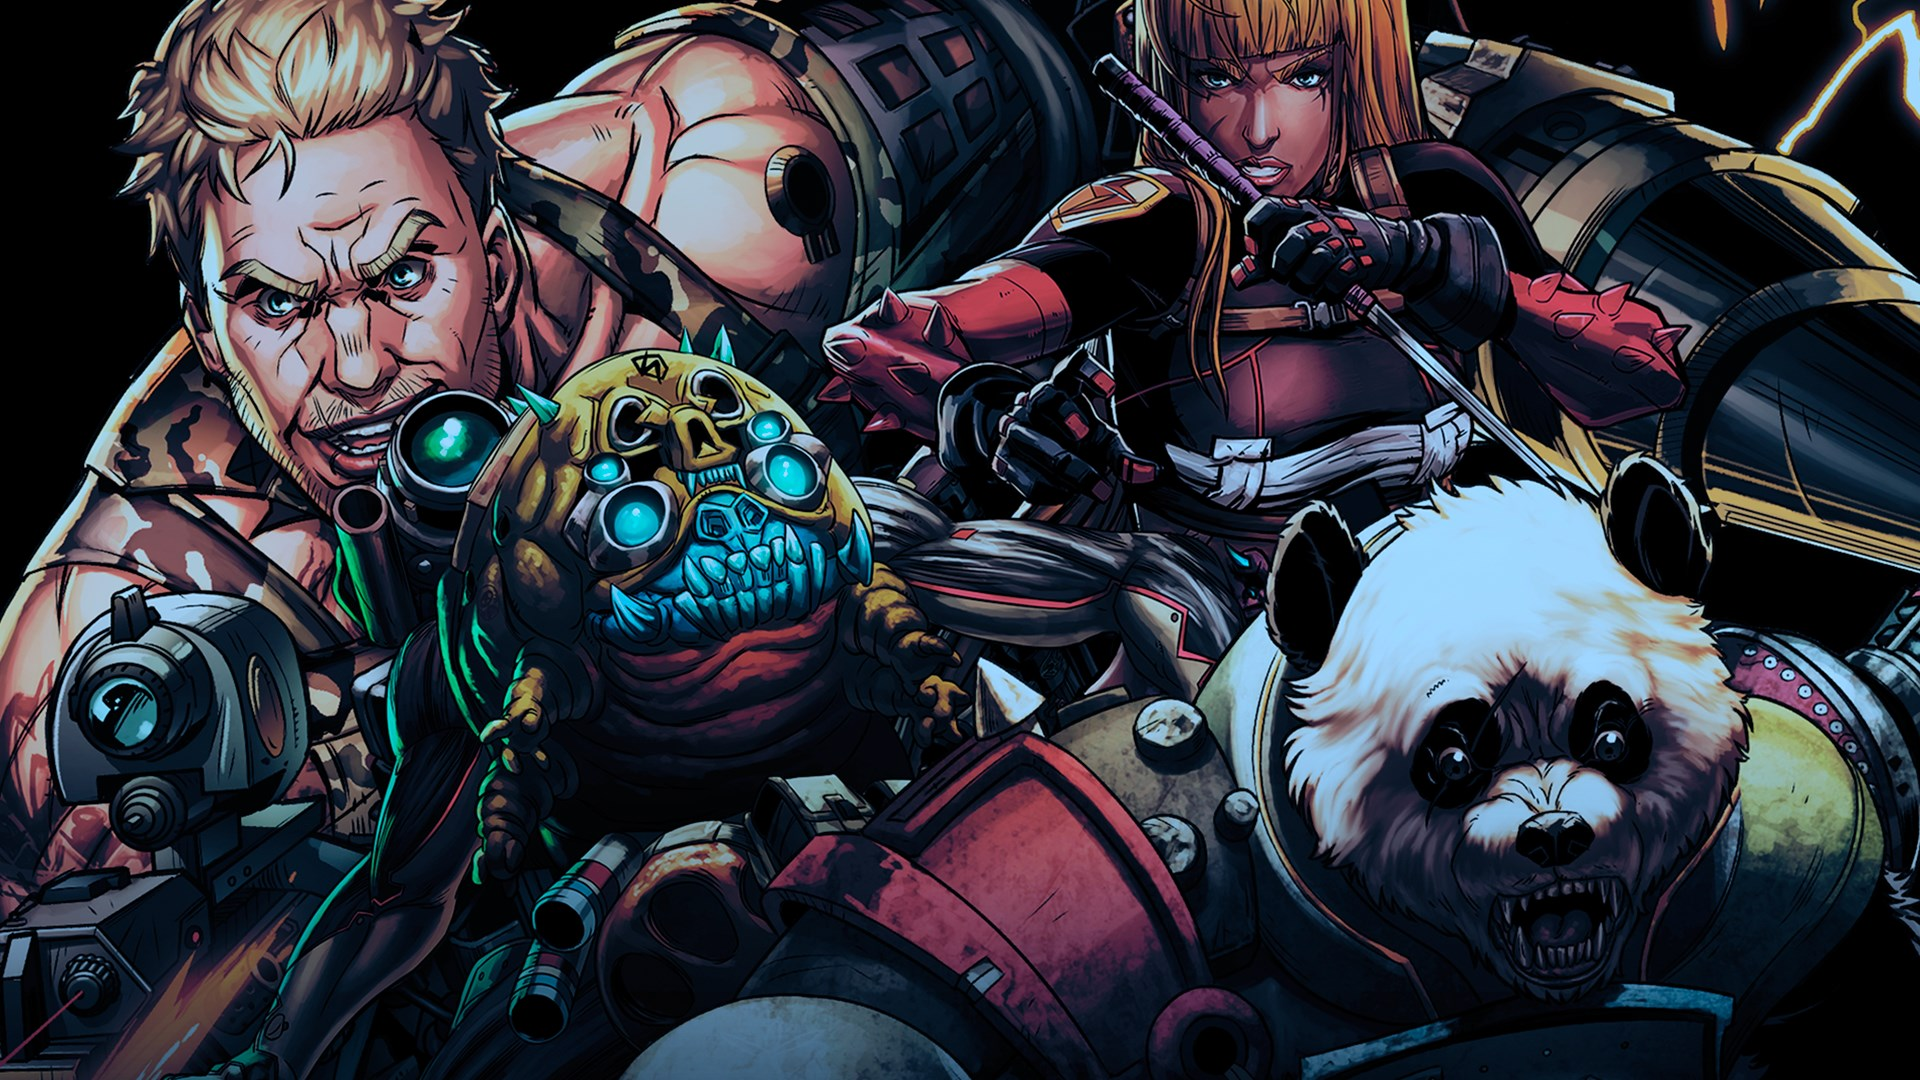 contra rogue corps desktop wallpaper 69756